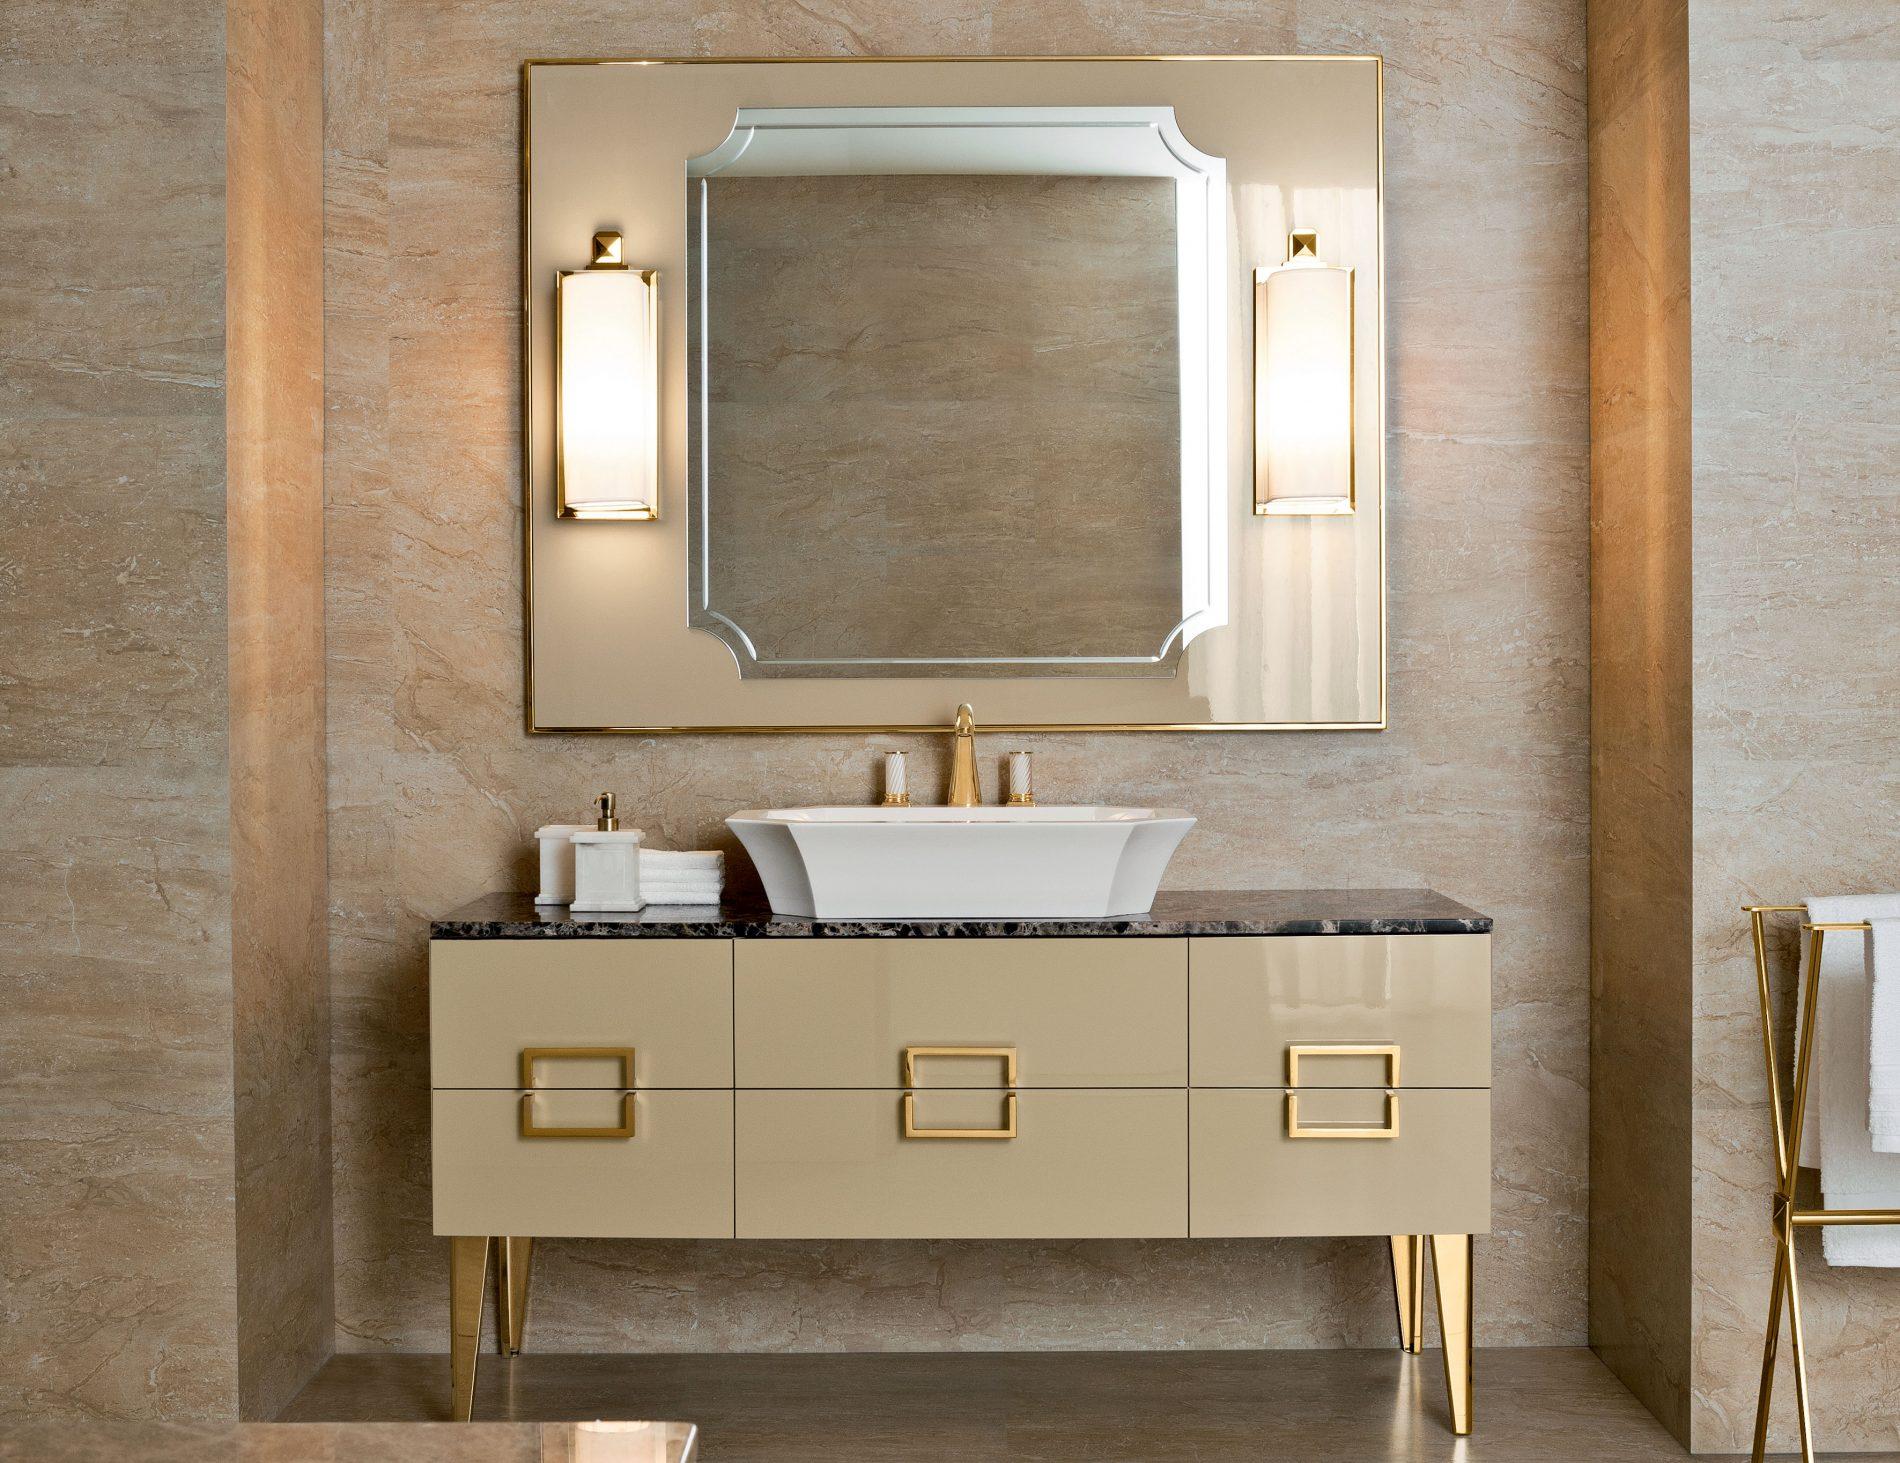 ארונות אמבטיה מעוצבים דגם הוואנה